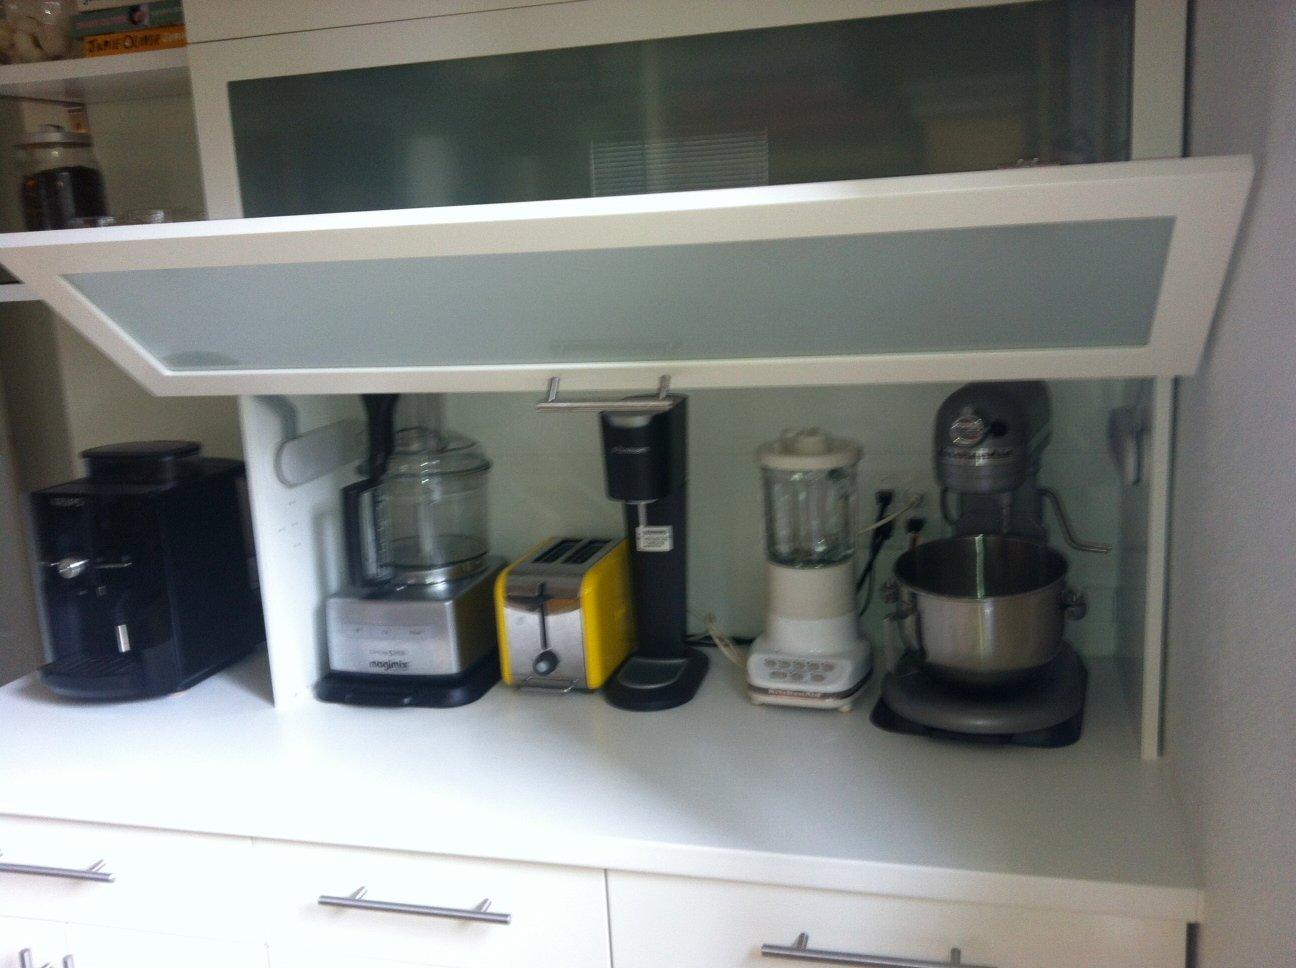 kitchen appliance garage ideas - Kitchen Appliance Garage IKEA Hackers IKEA Hackers